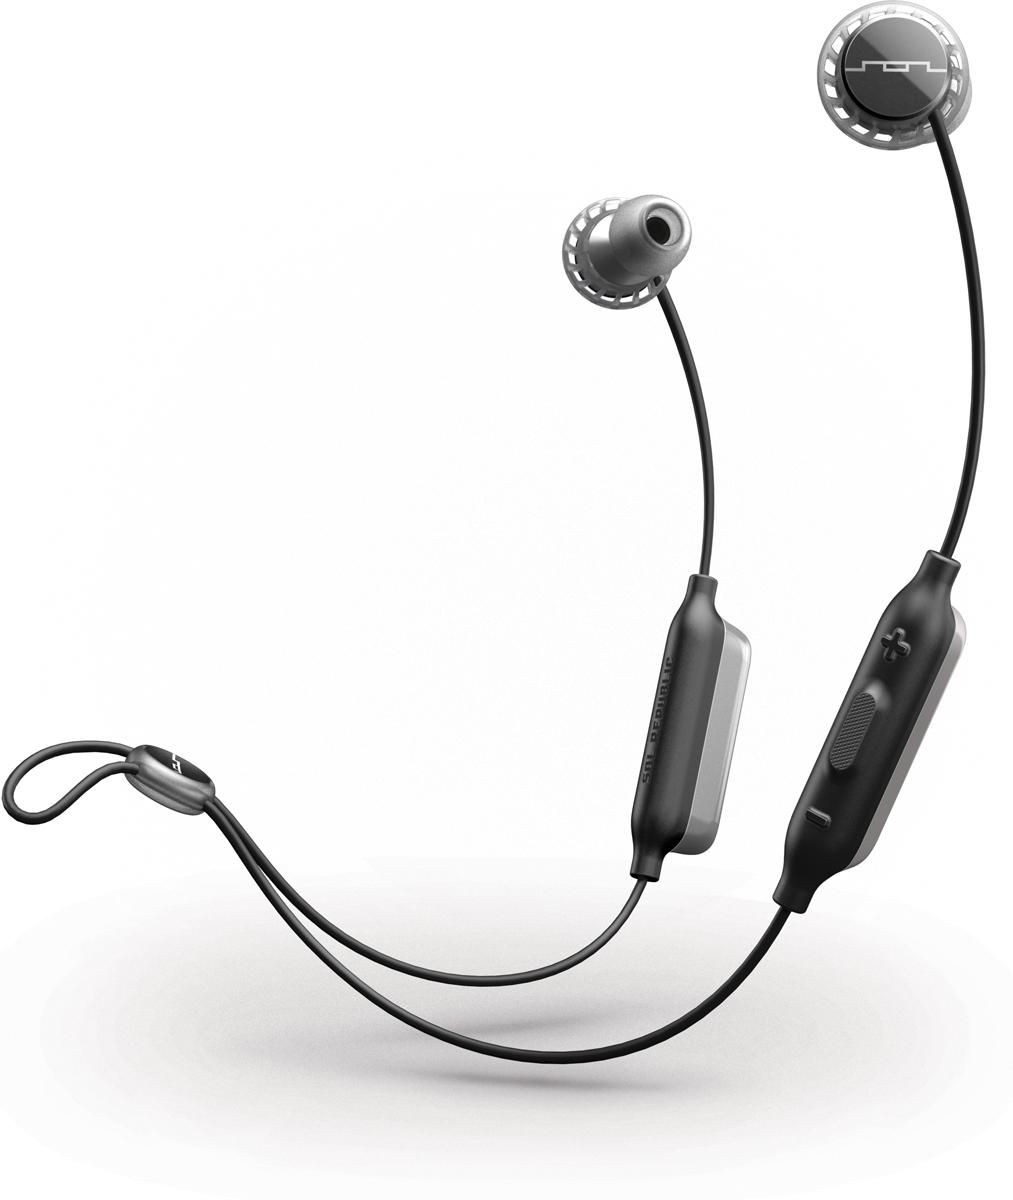 Sol Republic SOL-EP1170GY Relay Sport Wireless, Grey наушникиSOL-EP1170GY;SOL-EP1170GYBluetooth наушники Sol Republic Relays Sport Wireless будут радовать вас не только во время тренировок, но и на ежедневных прогулках. Наушники прочно сидят в ушах благодаря технологии FreeFlex, при этом обеспечивая пассивную шумоизоляцию.Автономная работа при полностью заряженном аккумуляторе позволит вам до 8 ч непрерывно наслаждаться вашими любимыми композициями. Благодаря режиму быстрой зарядки, у вас есть возможность подзарядить за 10 минут наушники ( к примеру на пути на тренировку), добавив ко времени прослушивания один час. В наушниках предусмотрены 2 режима прослушивания: на улице и в помещении. Встроенный микрофон и удобное управление позволяют регулировать громкость, переключать музыку и отвечать на звонки, не отвлекаясь от выполнения упражнений. Высокая степень защиты класса IPX4 будет служить защитой вашим наушникам от воздействия пота и влаги.